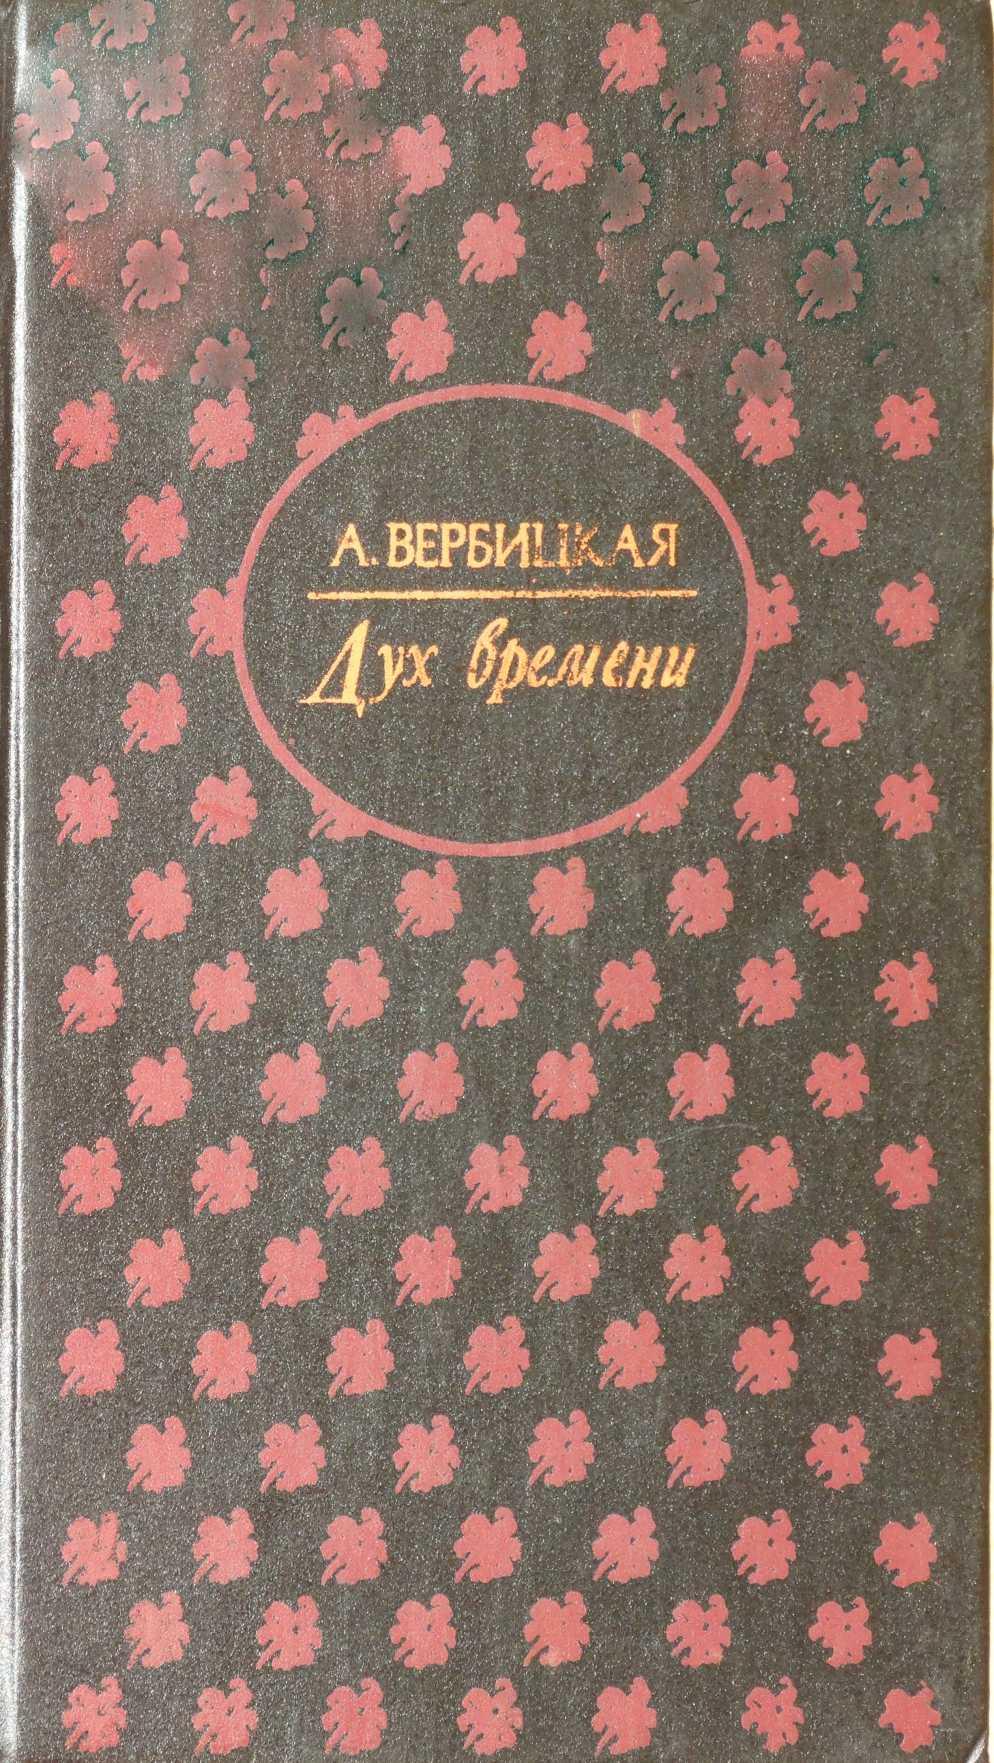 7e6e7562c62b6 Книга: Дух времени